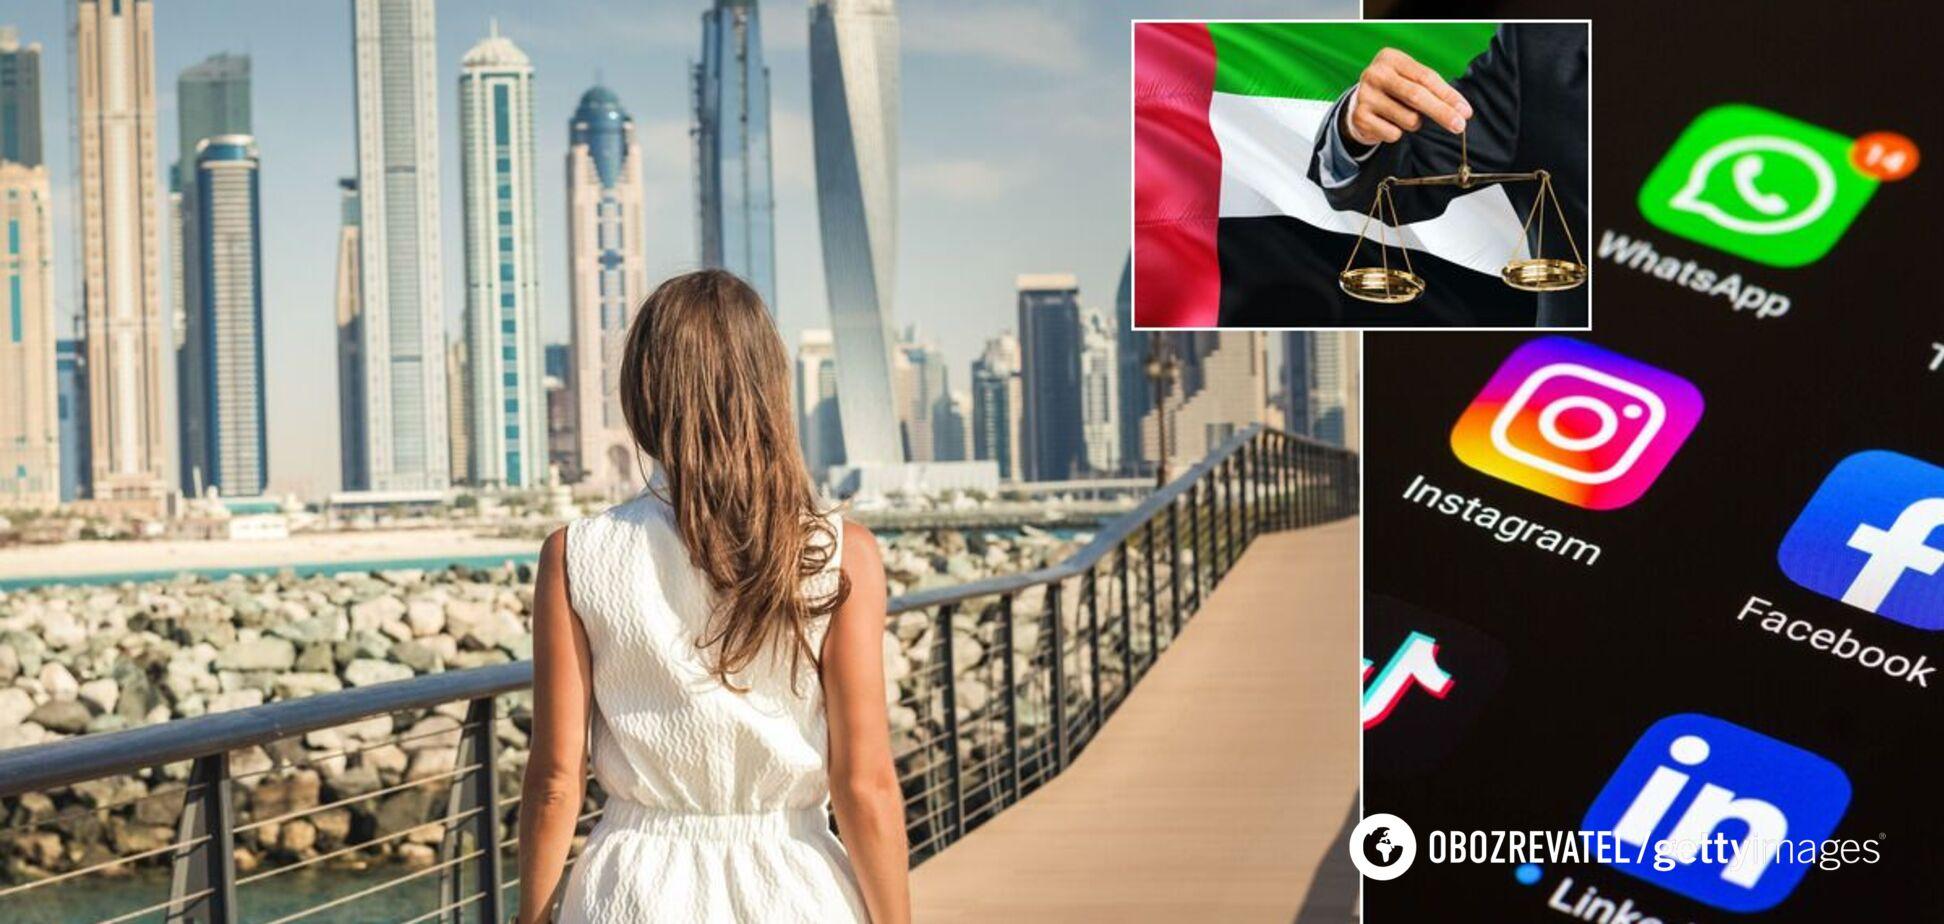 Украинка в Дубае пожаловалась на соседку за мат в WhatsApp: британке грозит тюрьма